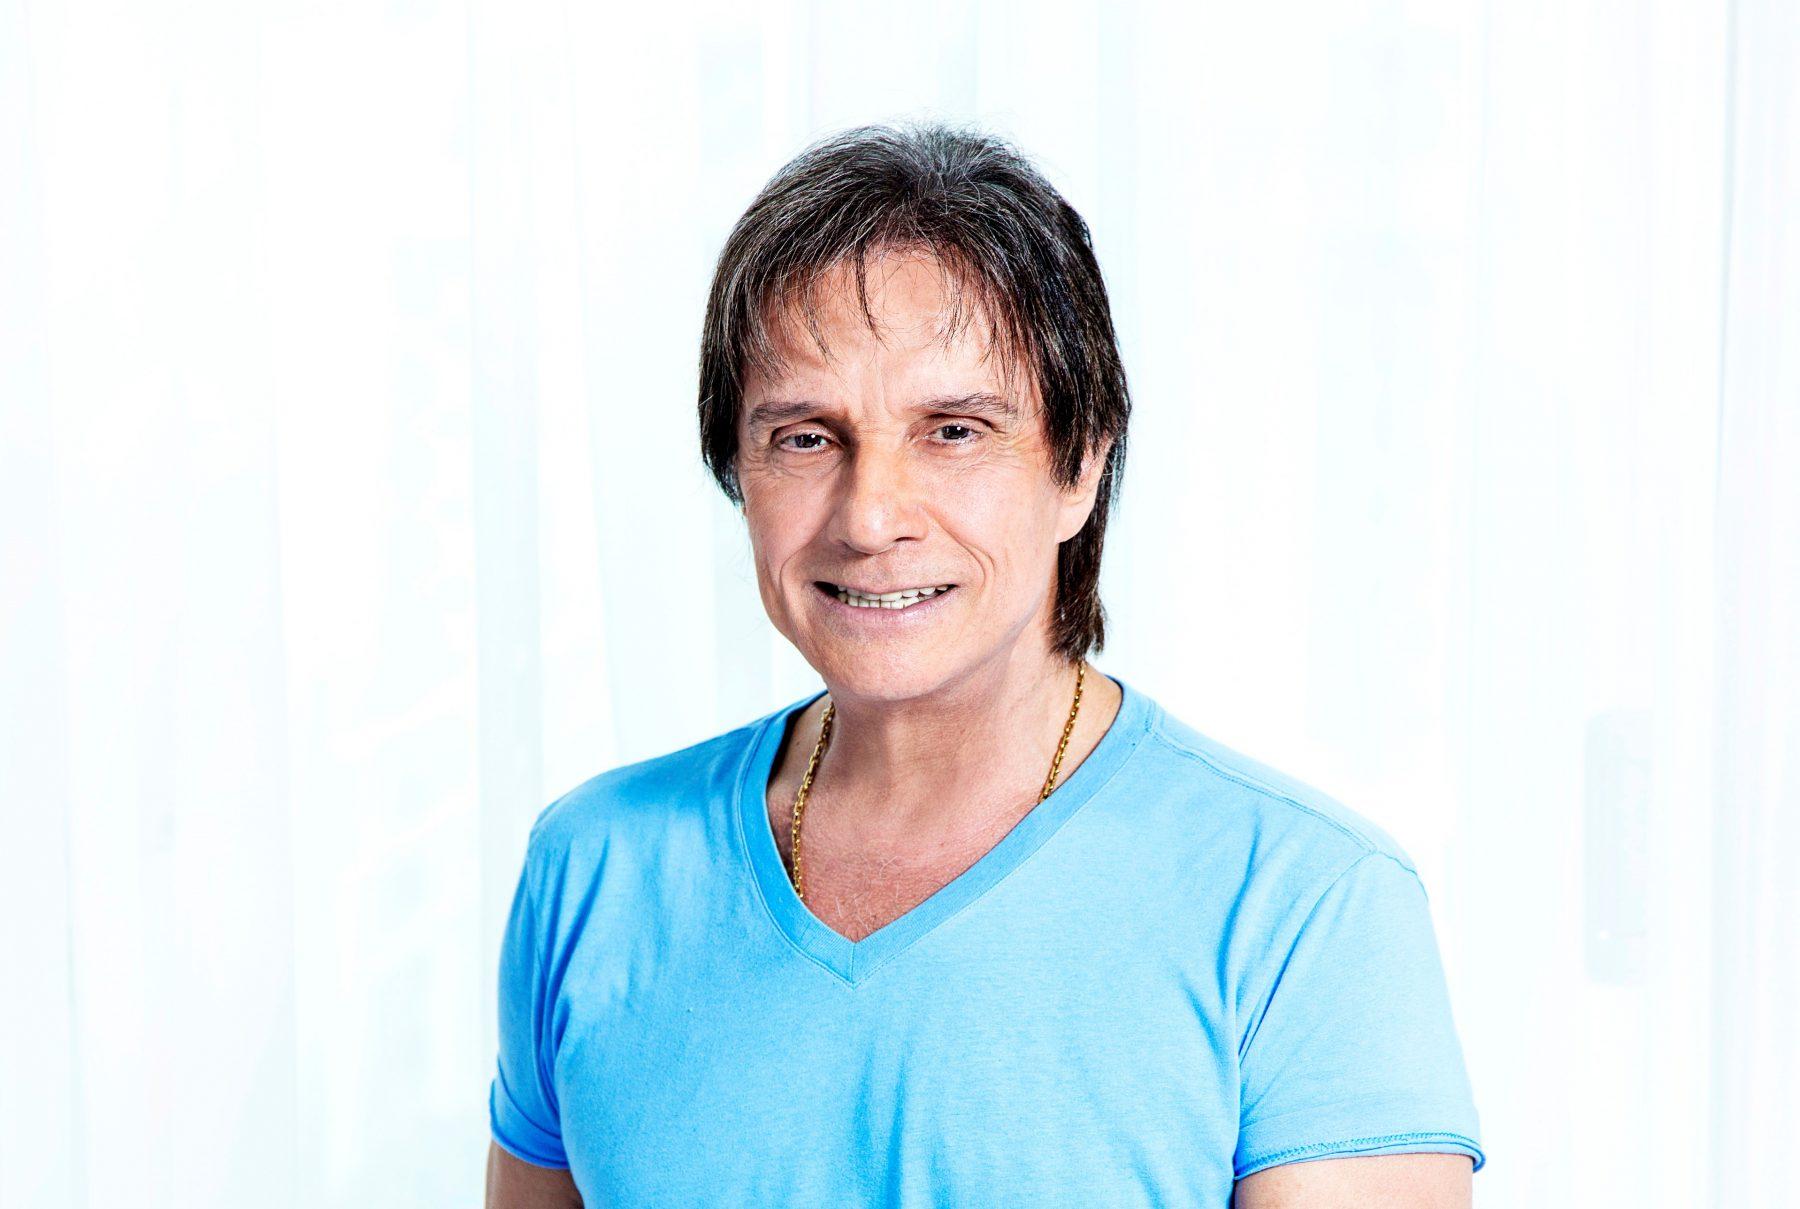 RobertoCarlos_Profile_2018